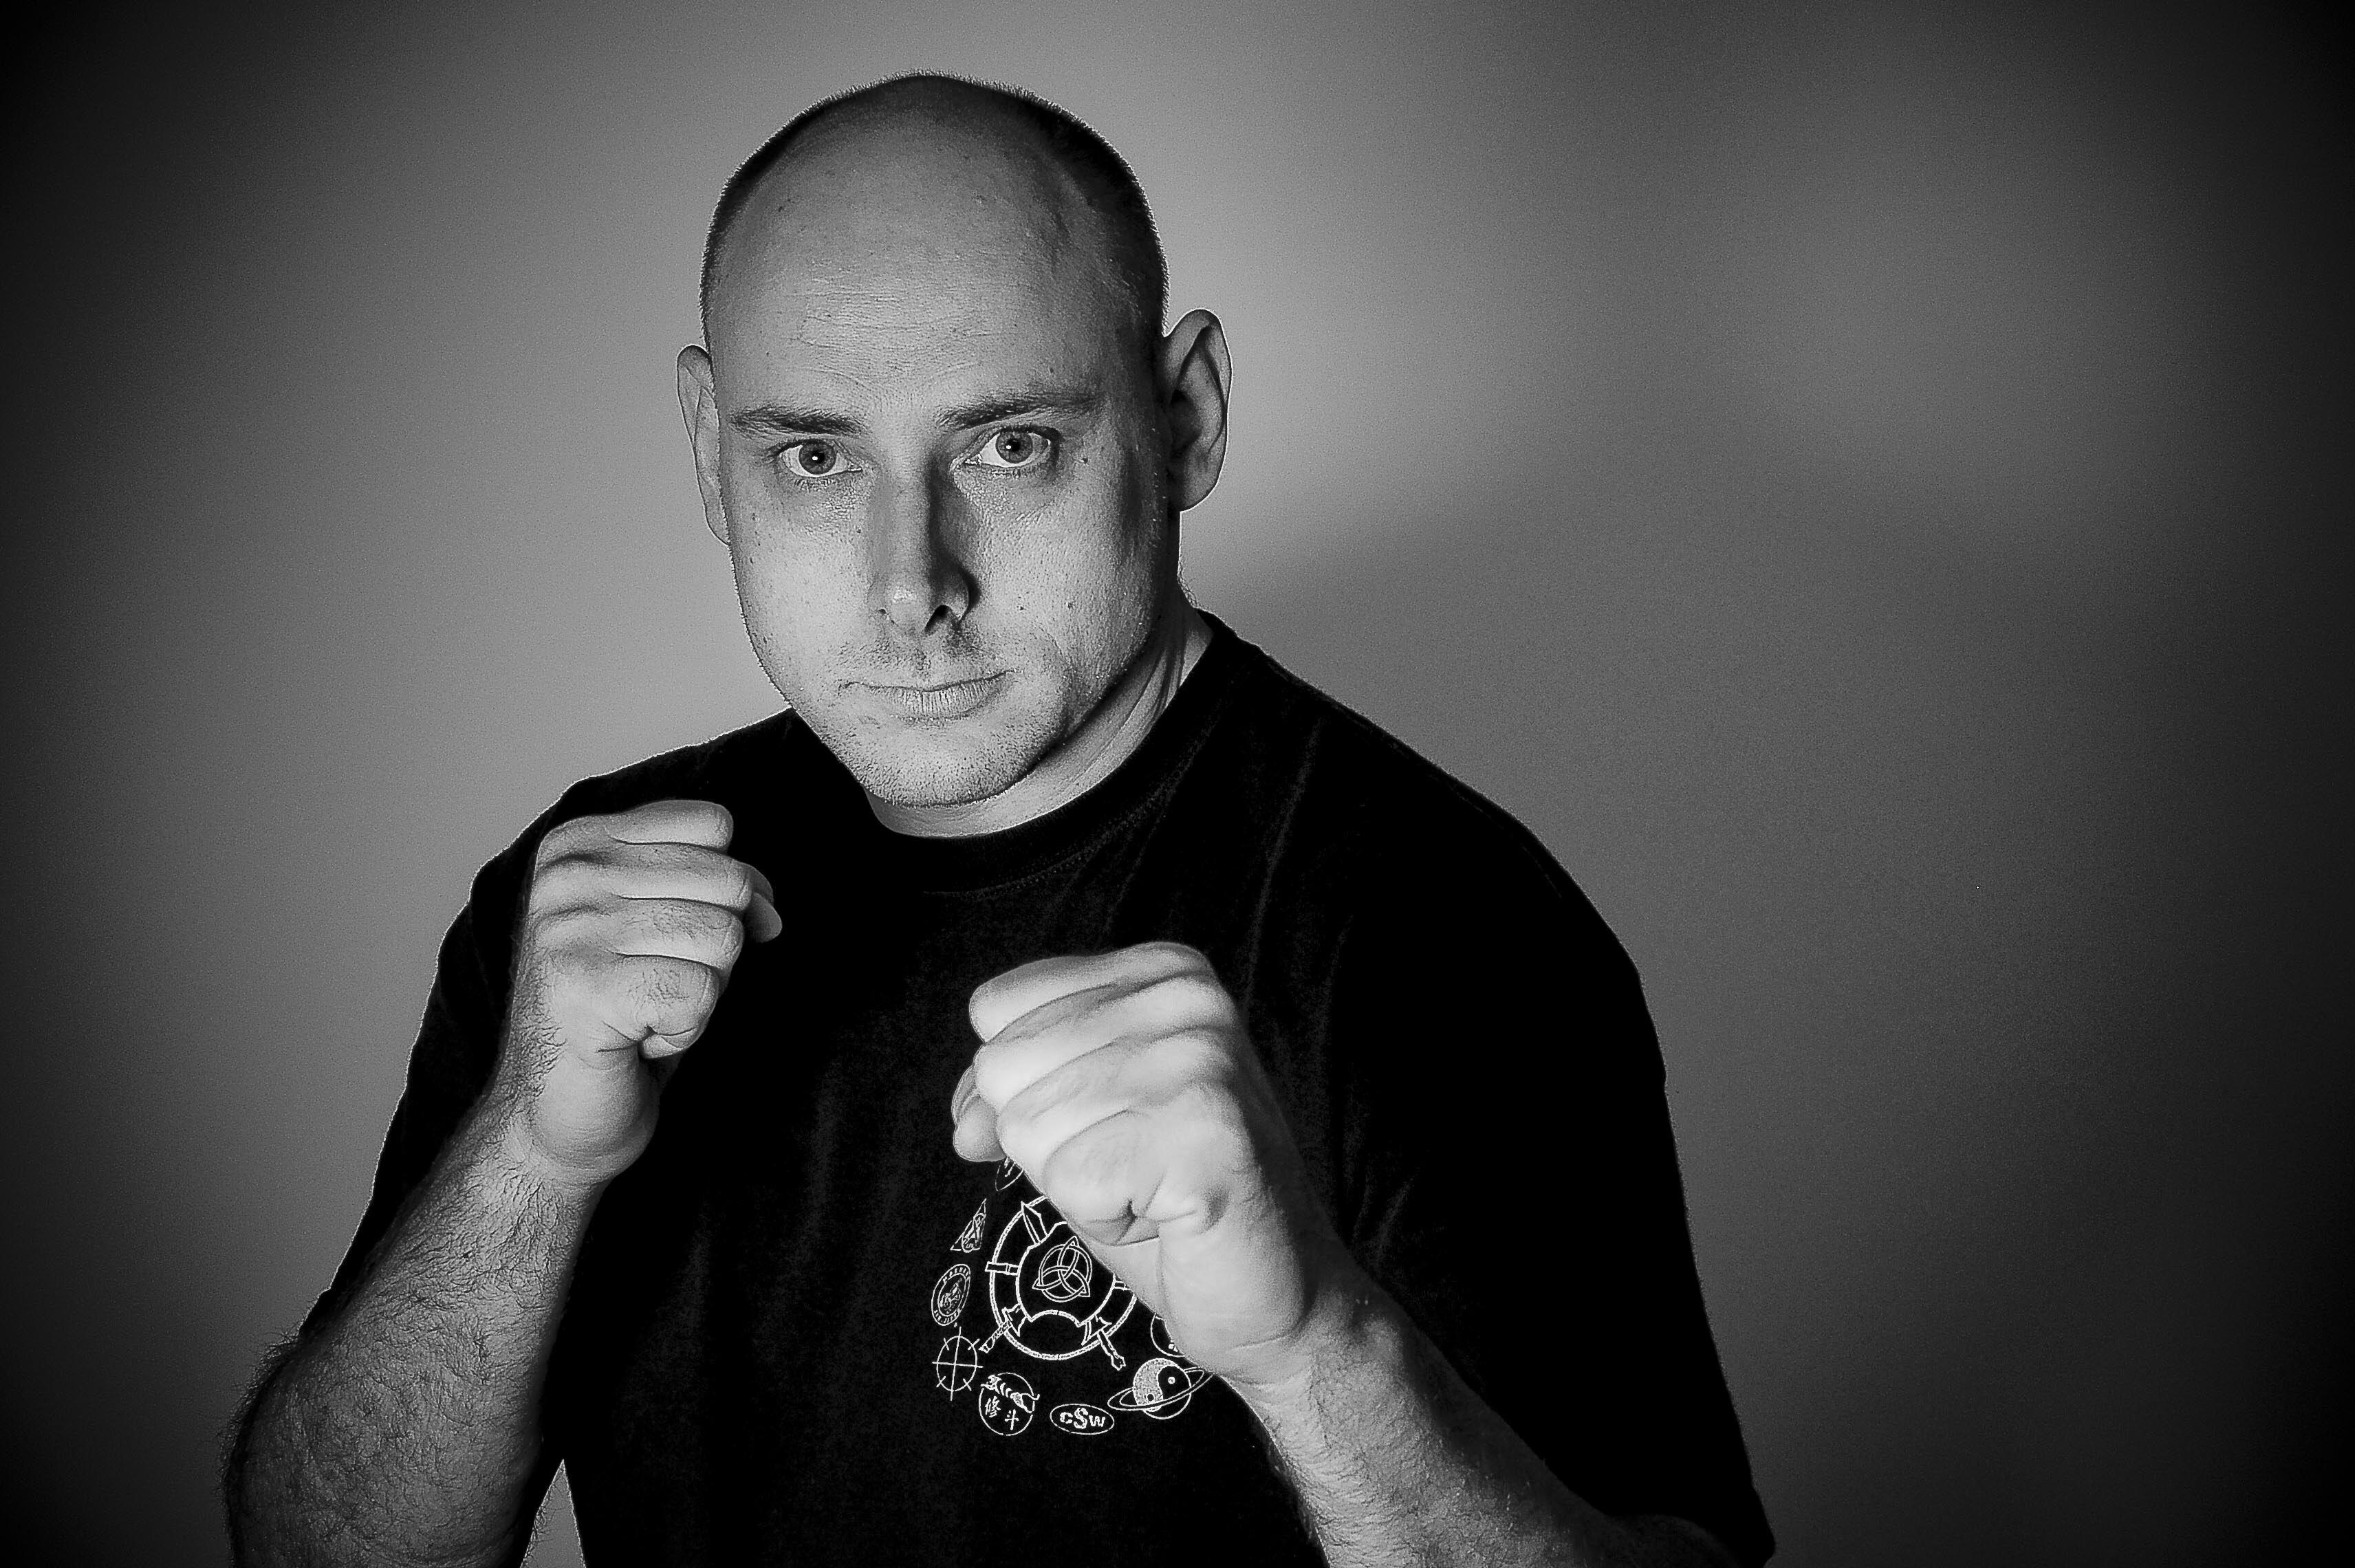 JD Olsen in Sumter - Keishidojo Martial Arts & Fitness Center